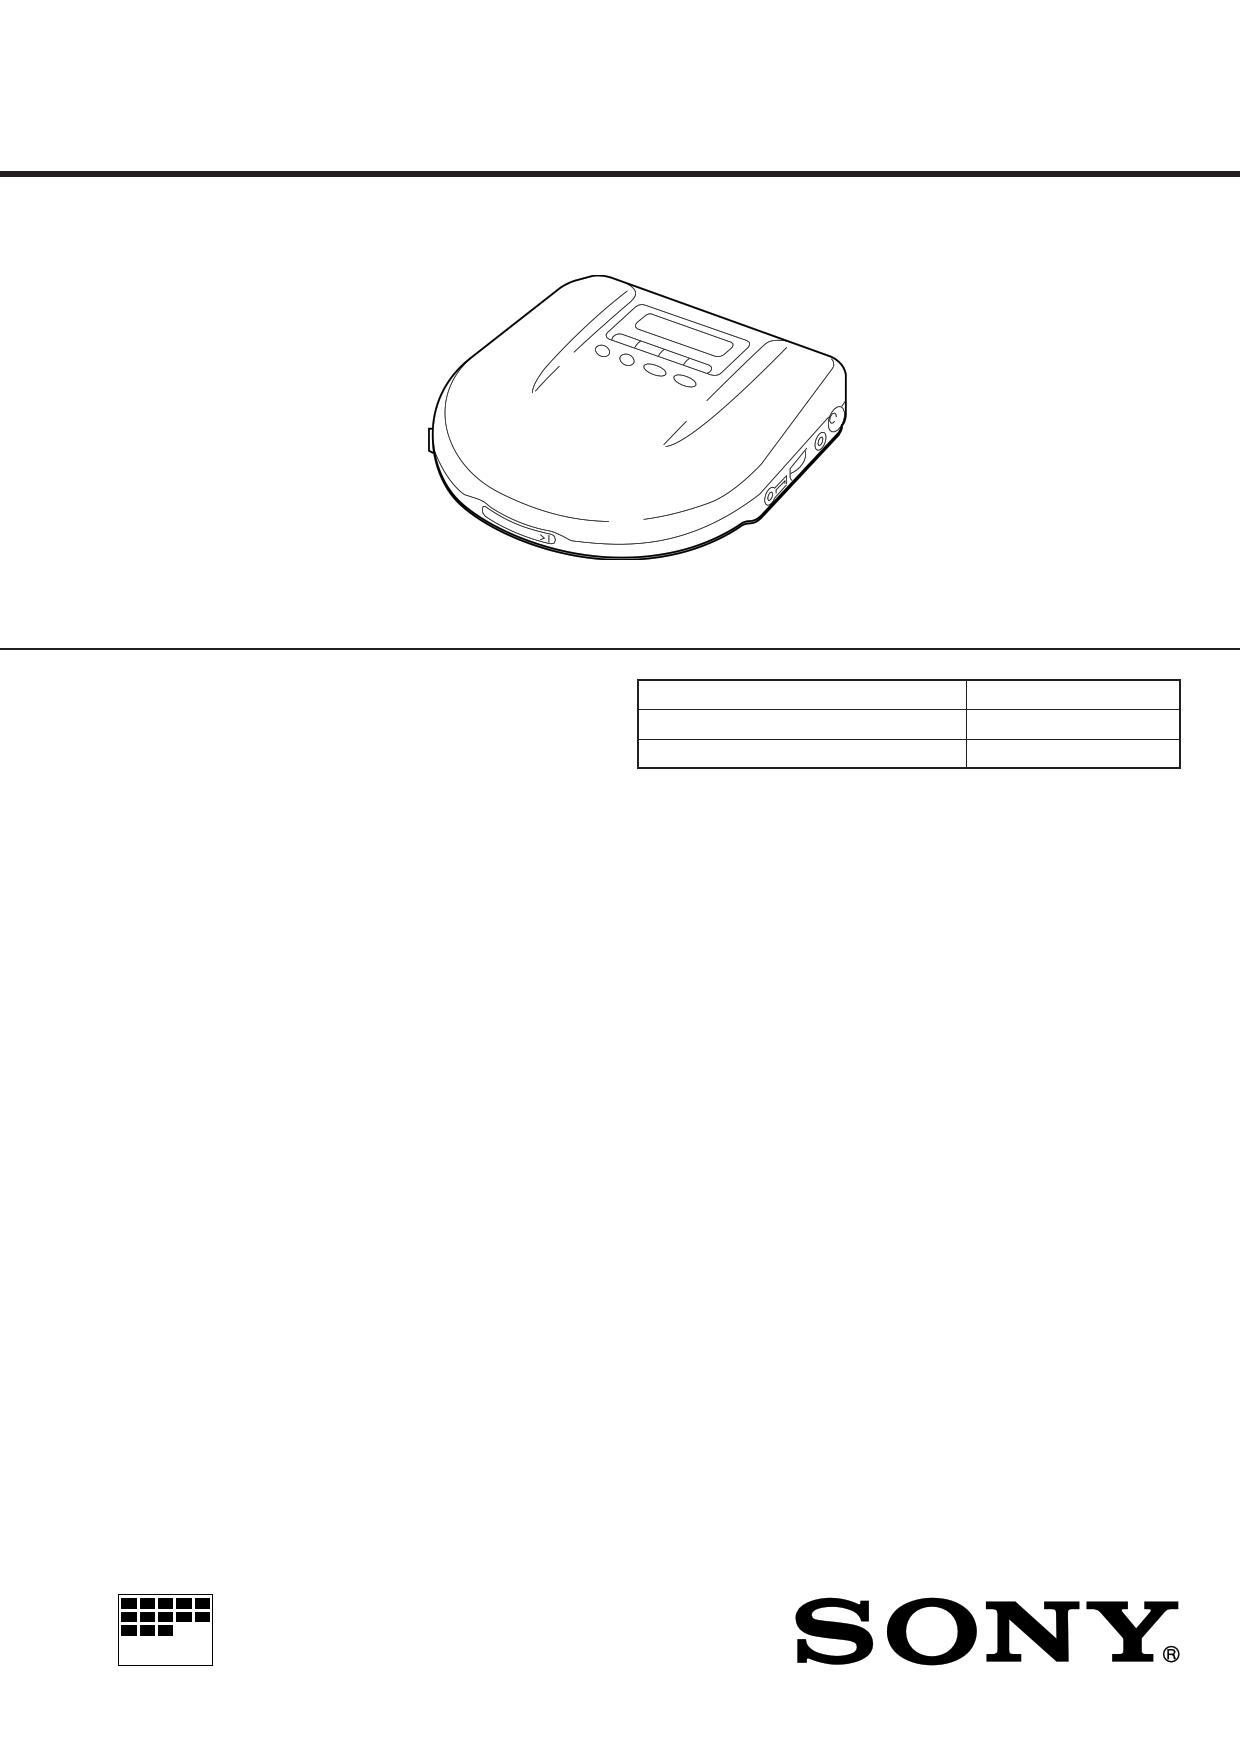 D-E505 datasheet